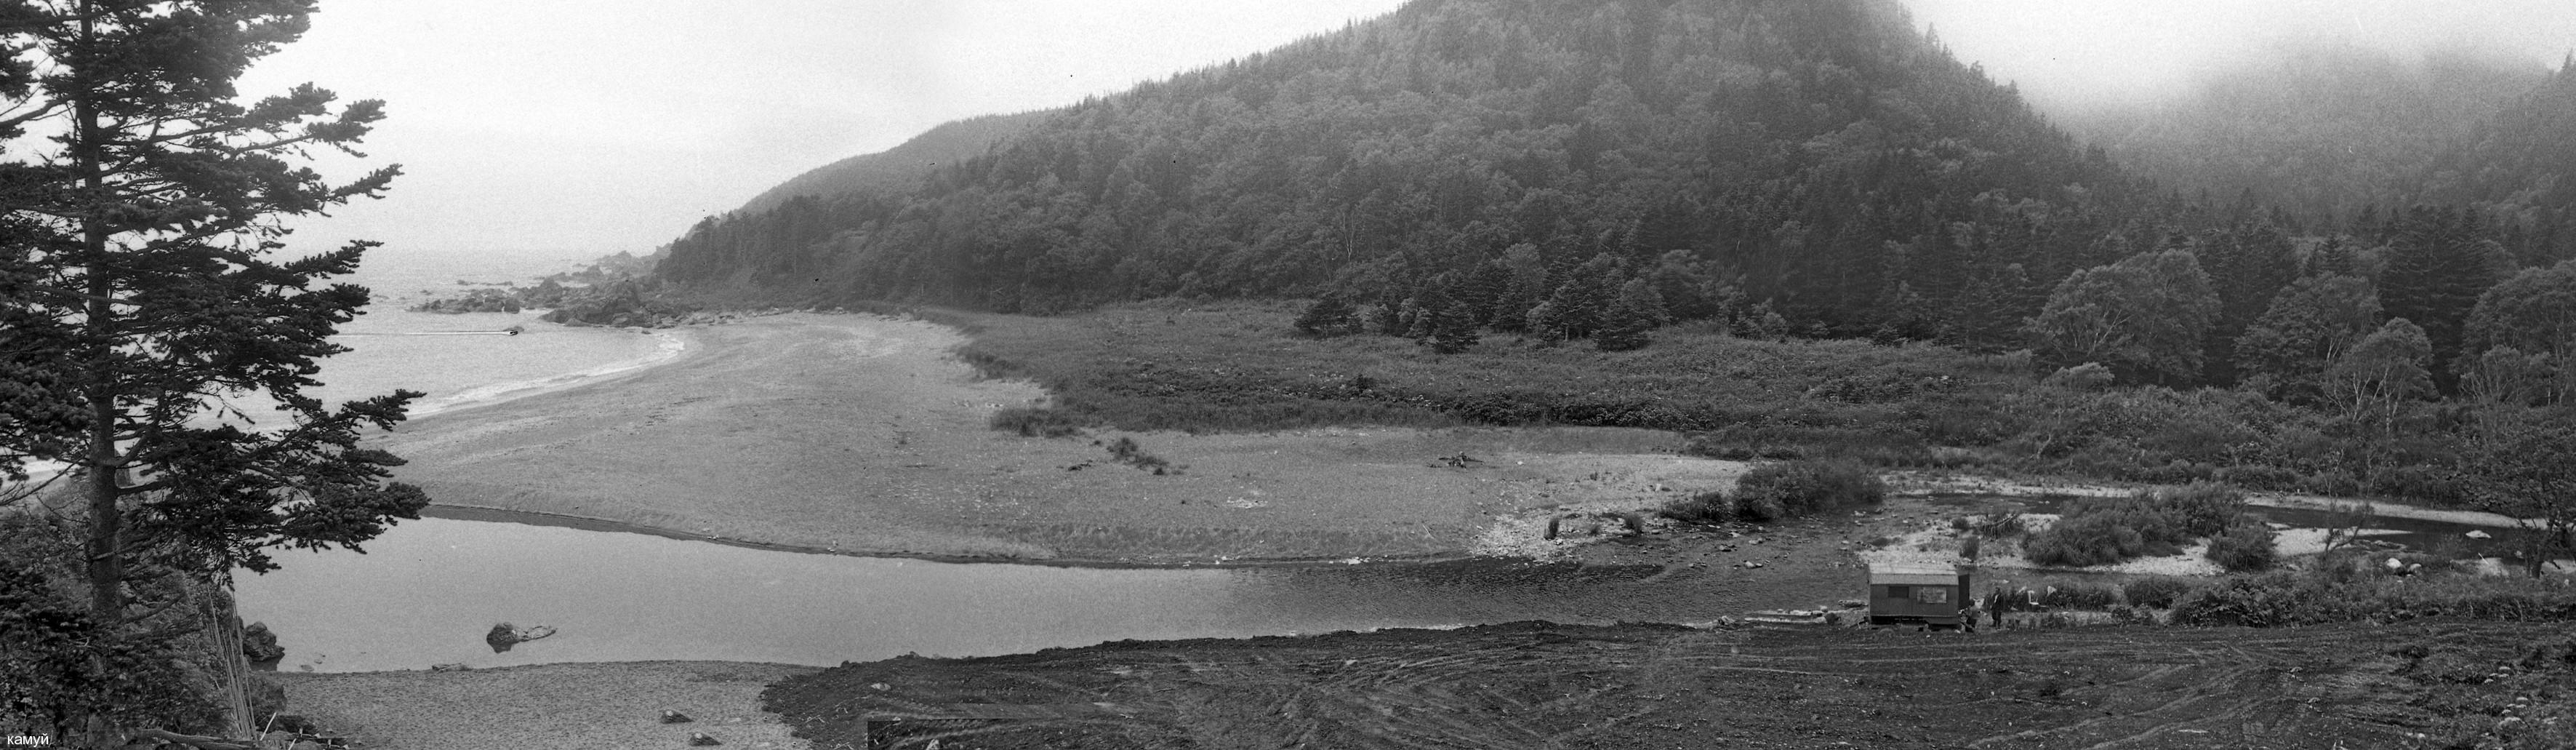 река анна картинки тех пор много